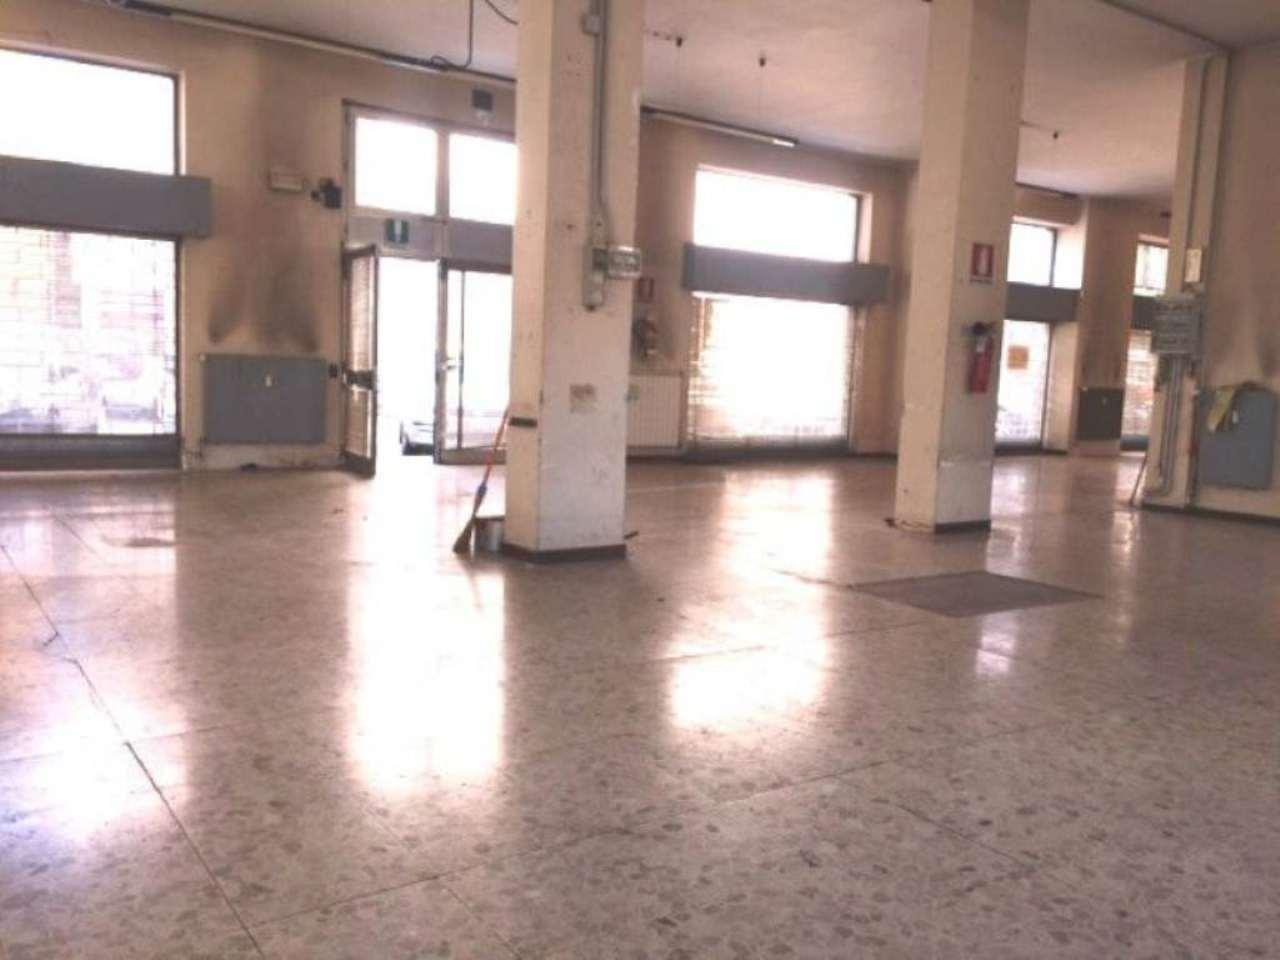 Ufficio / Studio in vendita a Busto Arsizio, 6 locali, prezzo € 130.000 | Cambio Casa.it